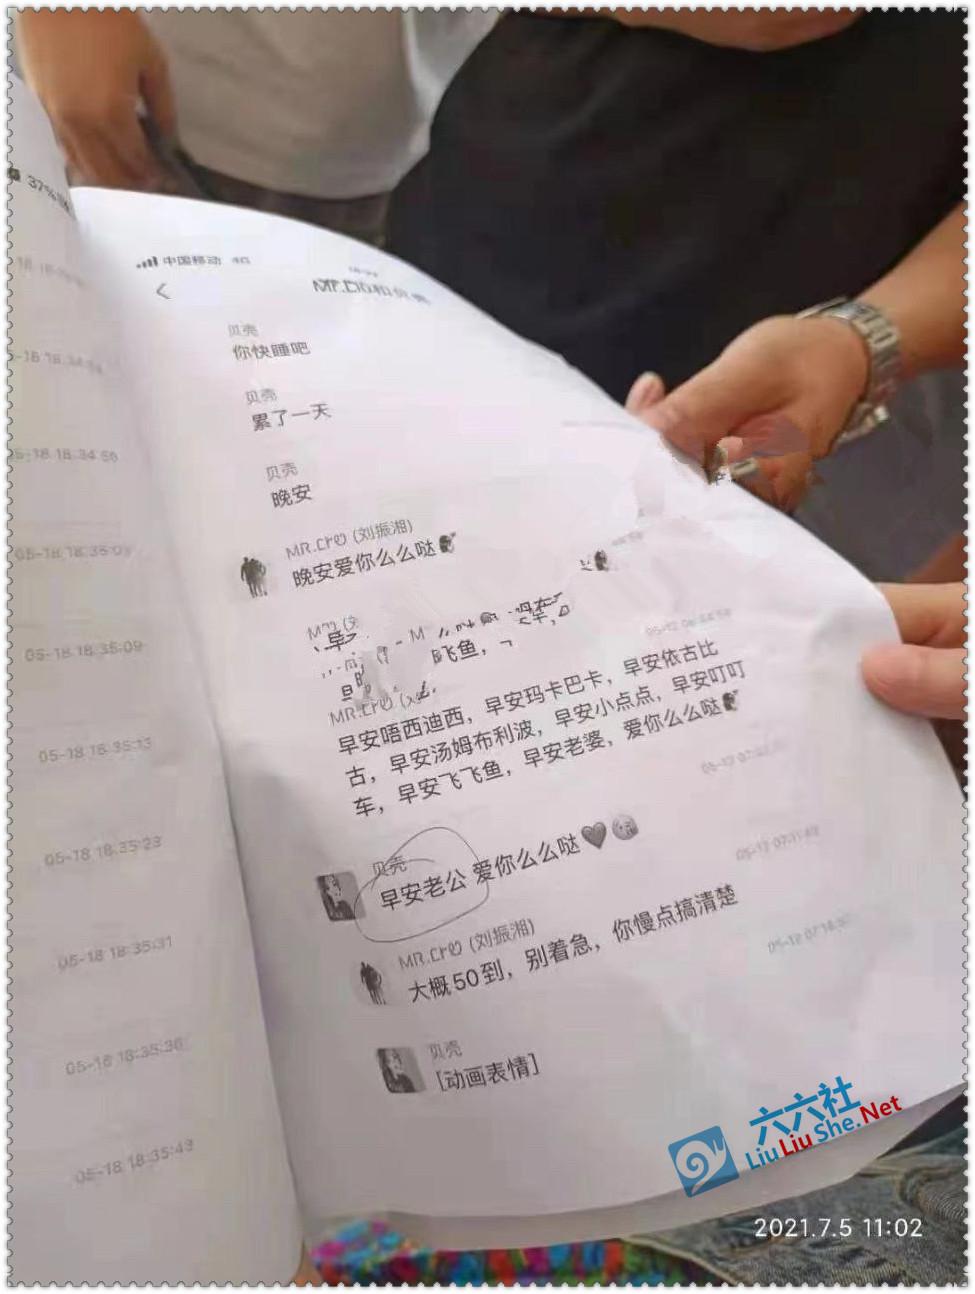 永州农商银行瓜 是怎么回事?附:刘某湘与柜员蒋某的暧昧聊天记录 吃瓜基地 第9张